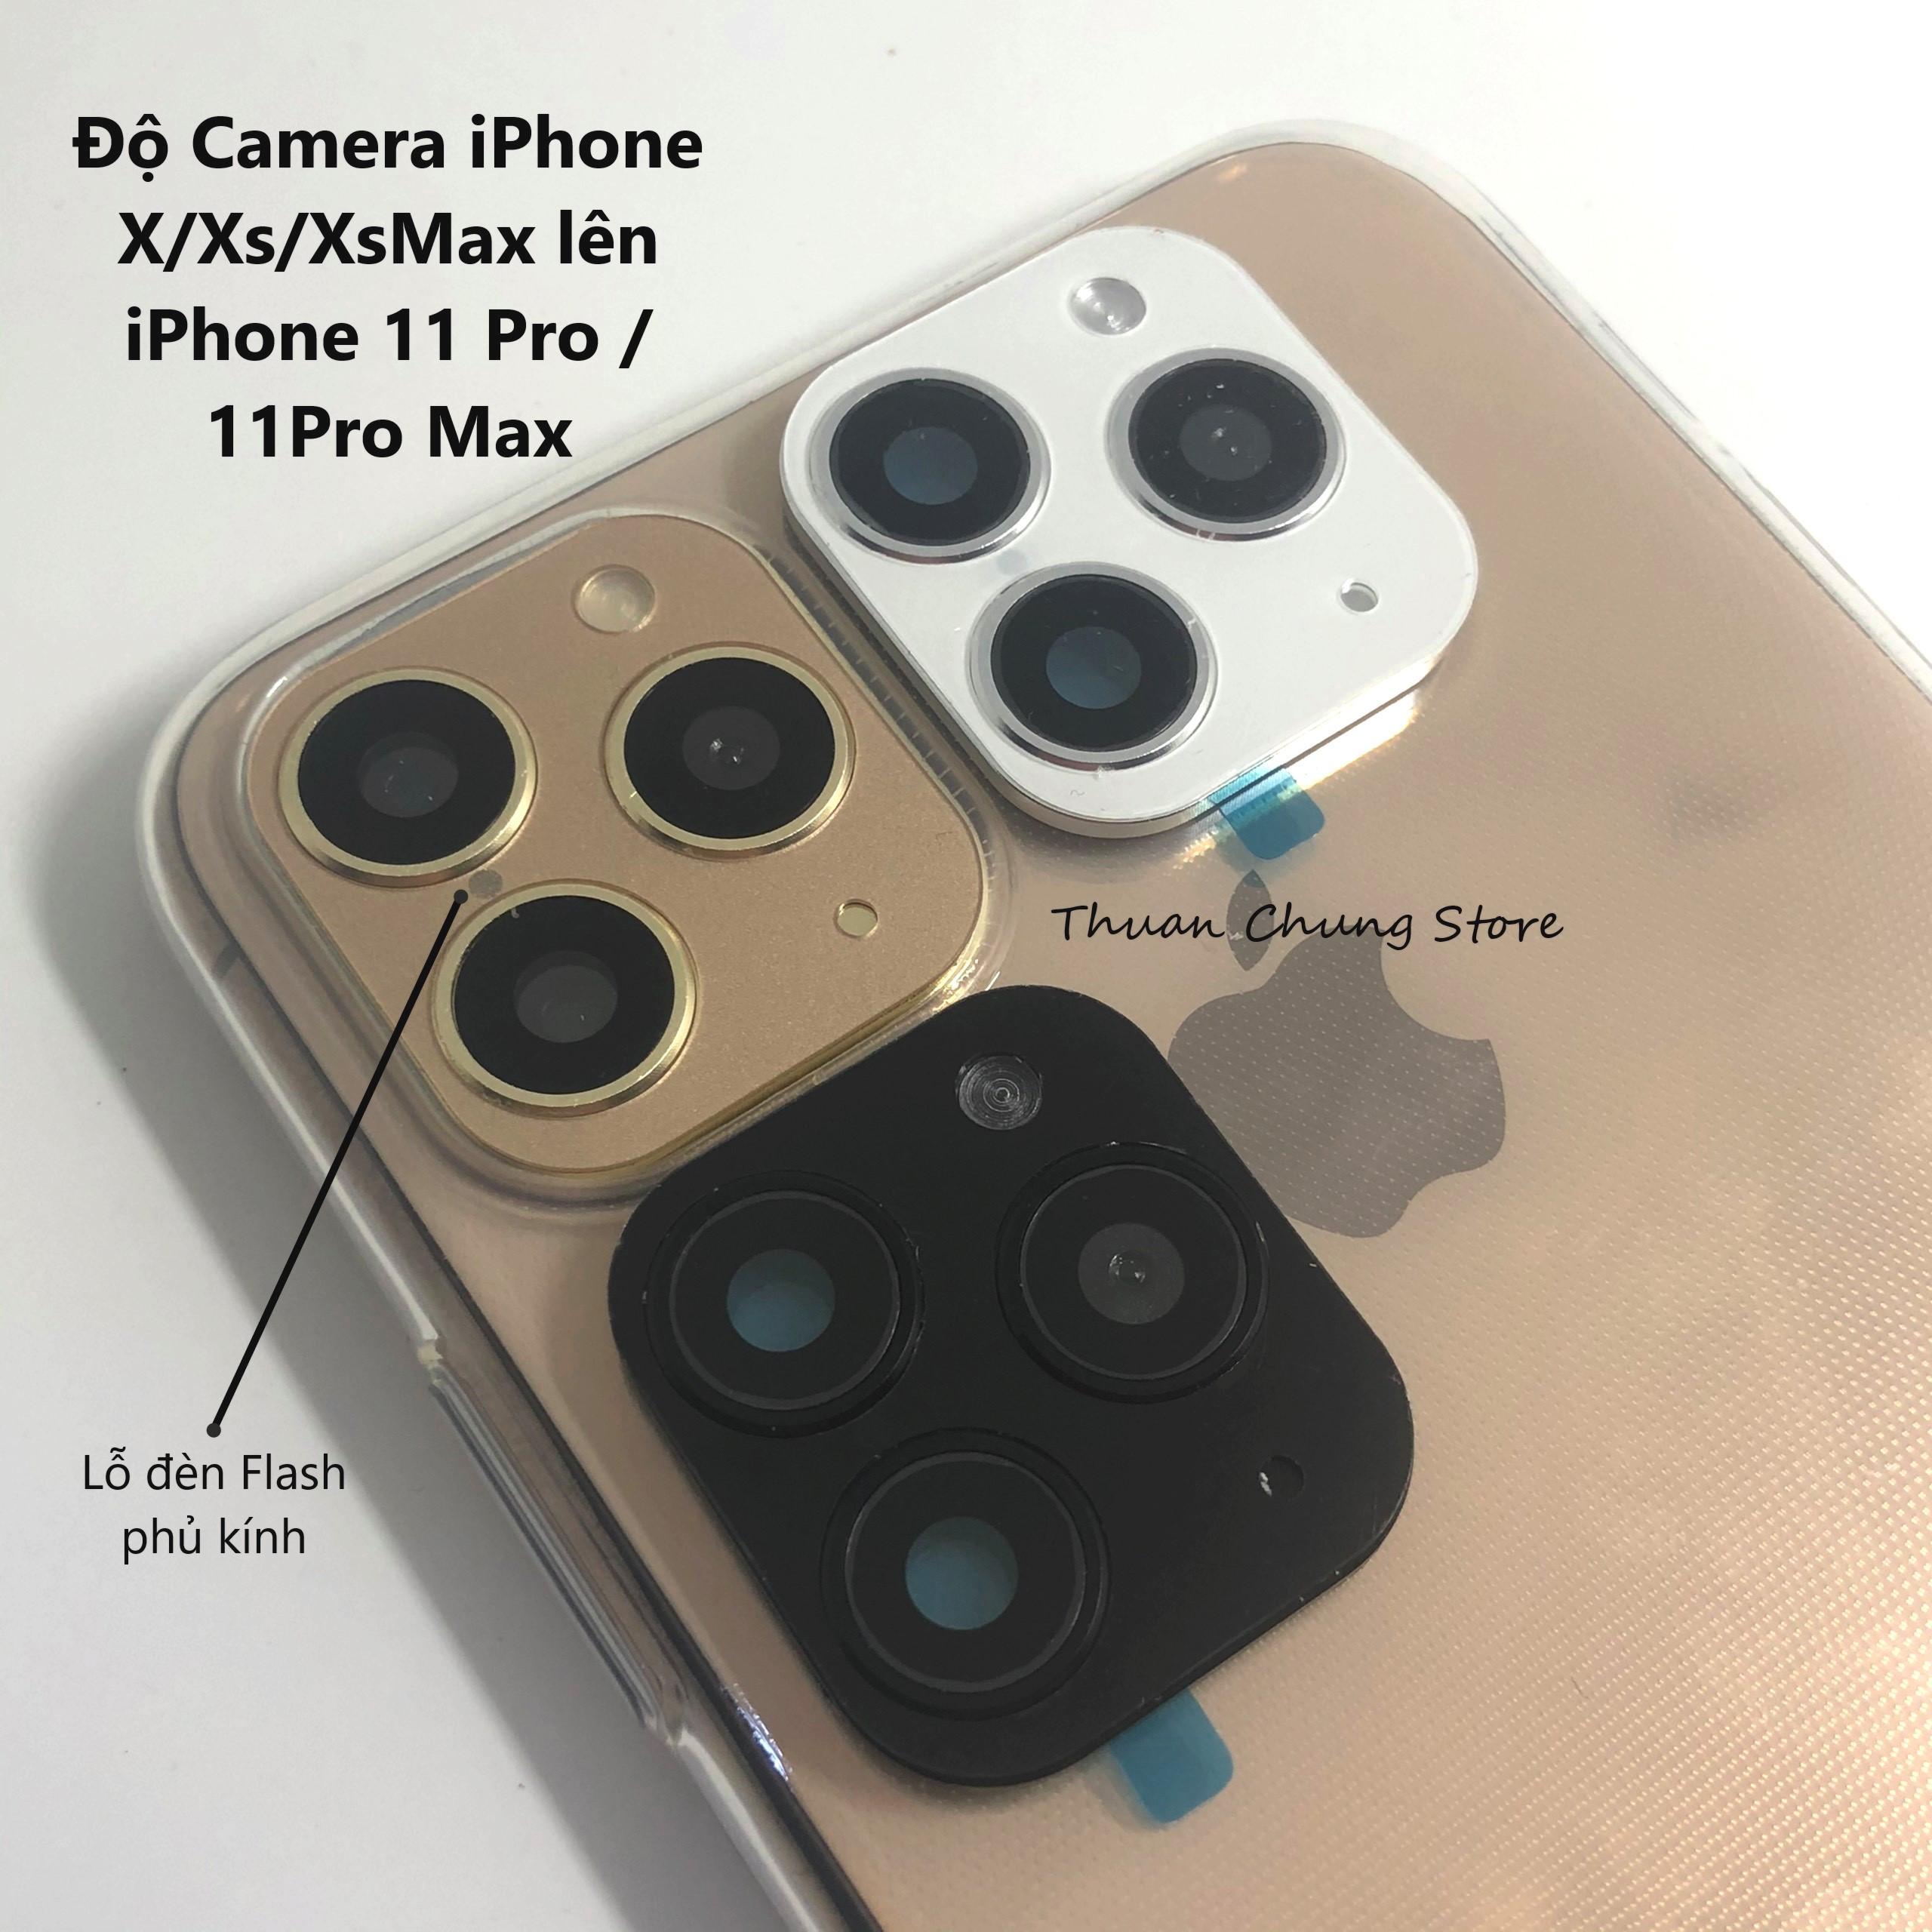 Giá Kính Độ Camera lồi có lỗ Flash Iphone 11 Pro Max cho Iphone X / Xs / Xs Max